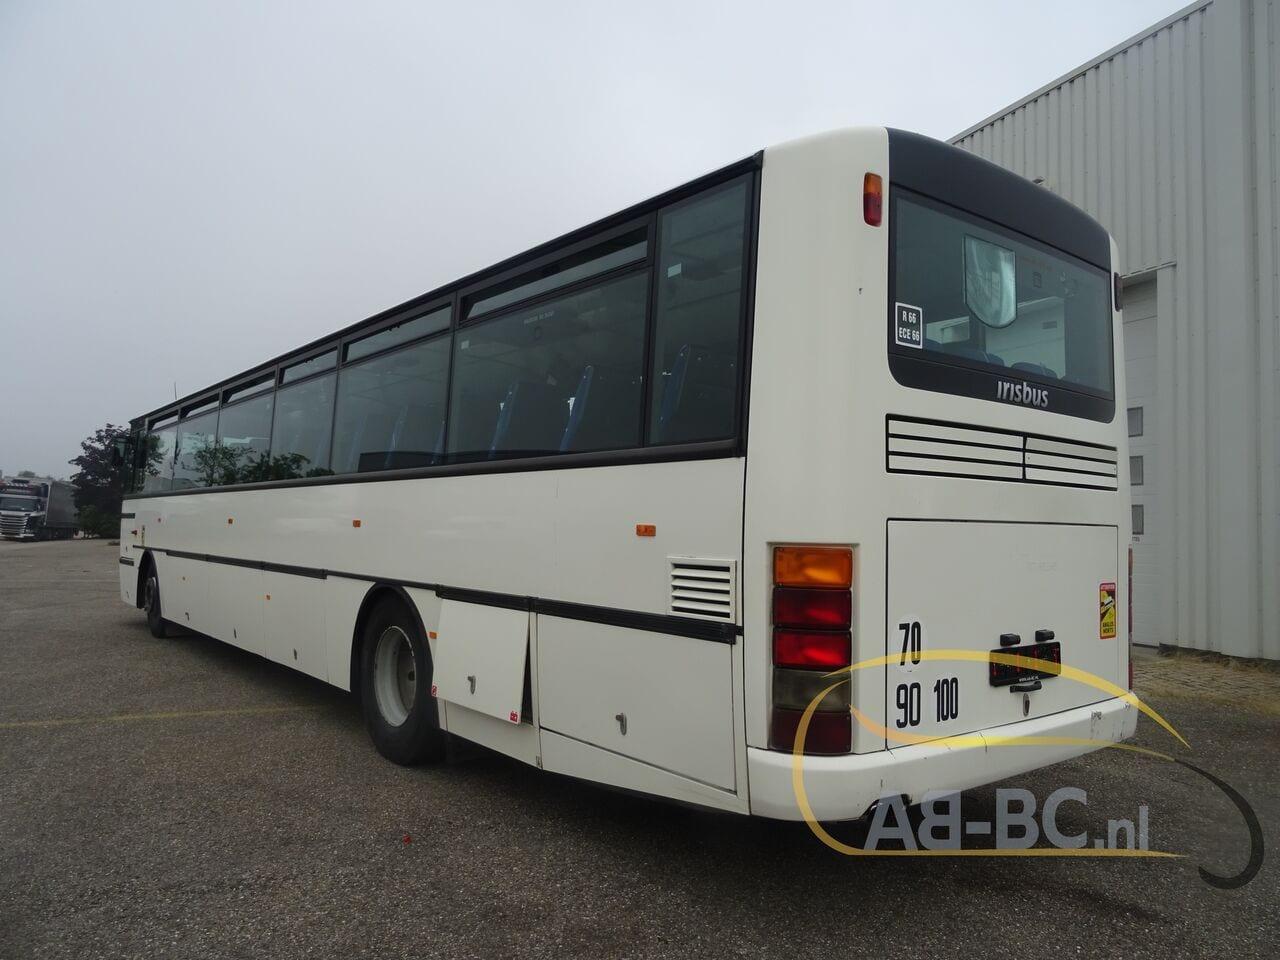 interurban-busIVECO-Irisbus-Recreo-64-Seats---1626159941765774706_big_e9c5ca79bd8fefdb311137a9fa2147f9--21071309575983154500